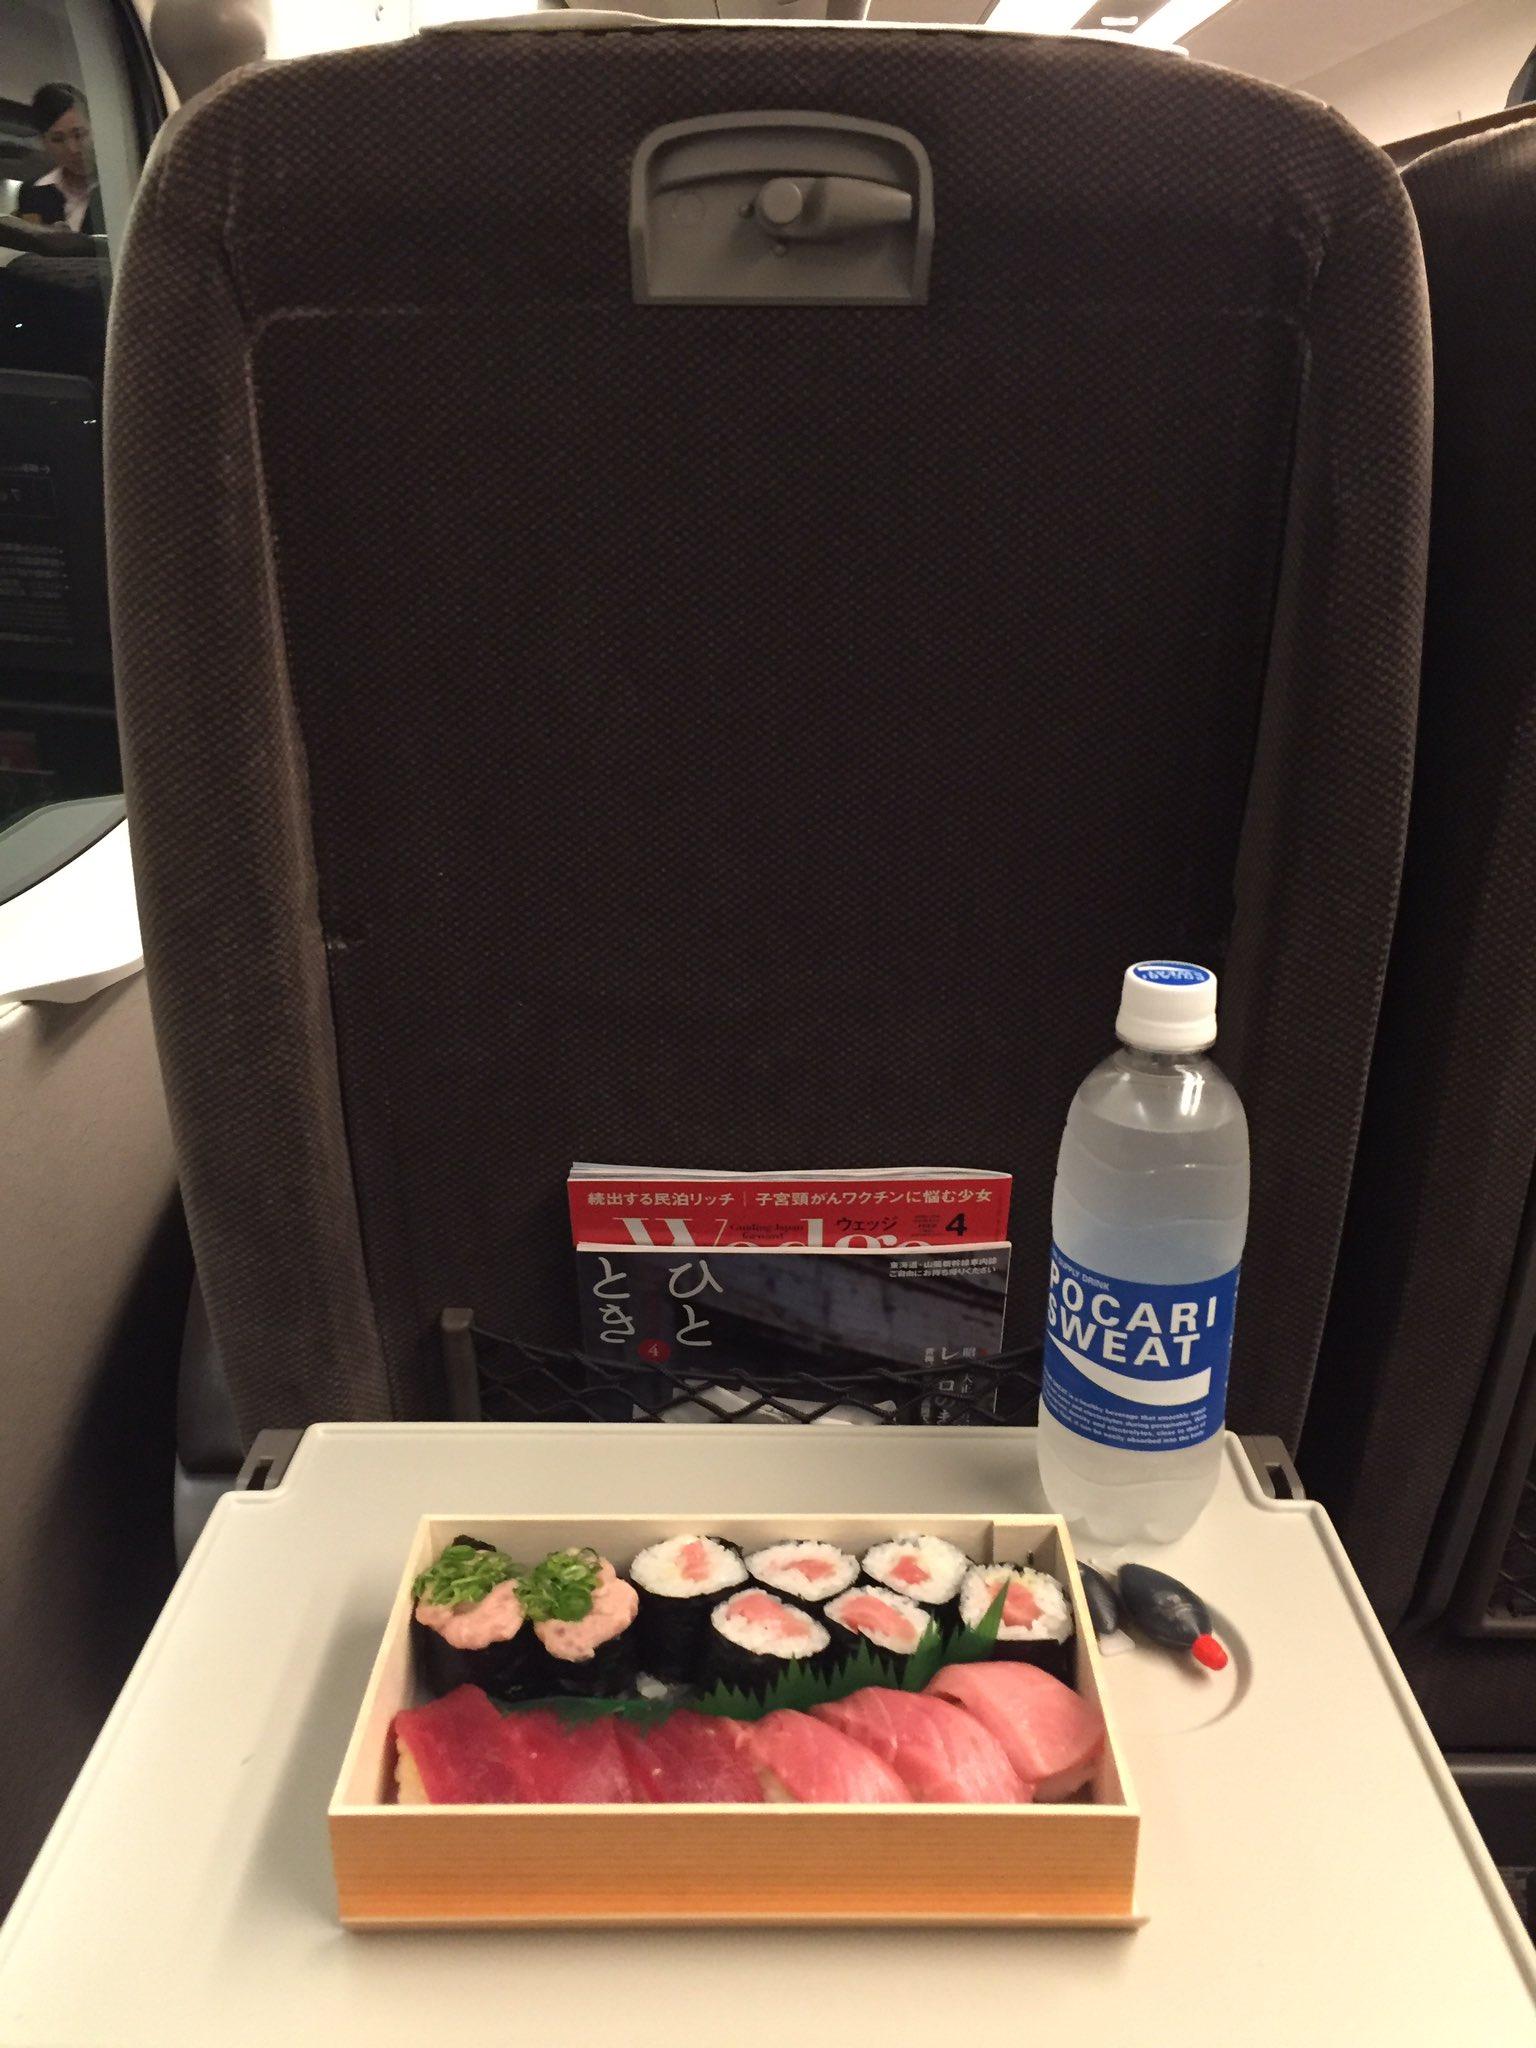 おいしいマグロ ��  Okayama > Tokyo https://t.co/cBpJAj5xVF